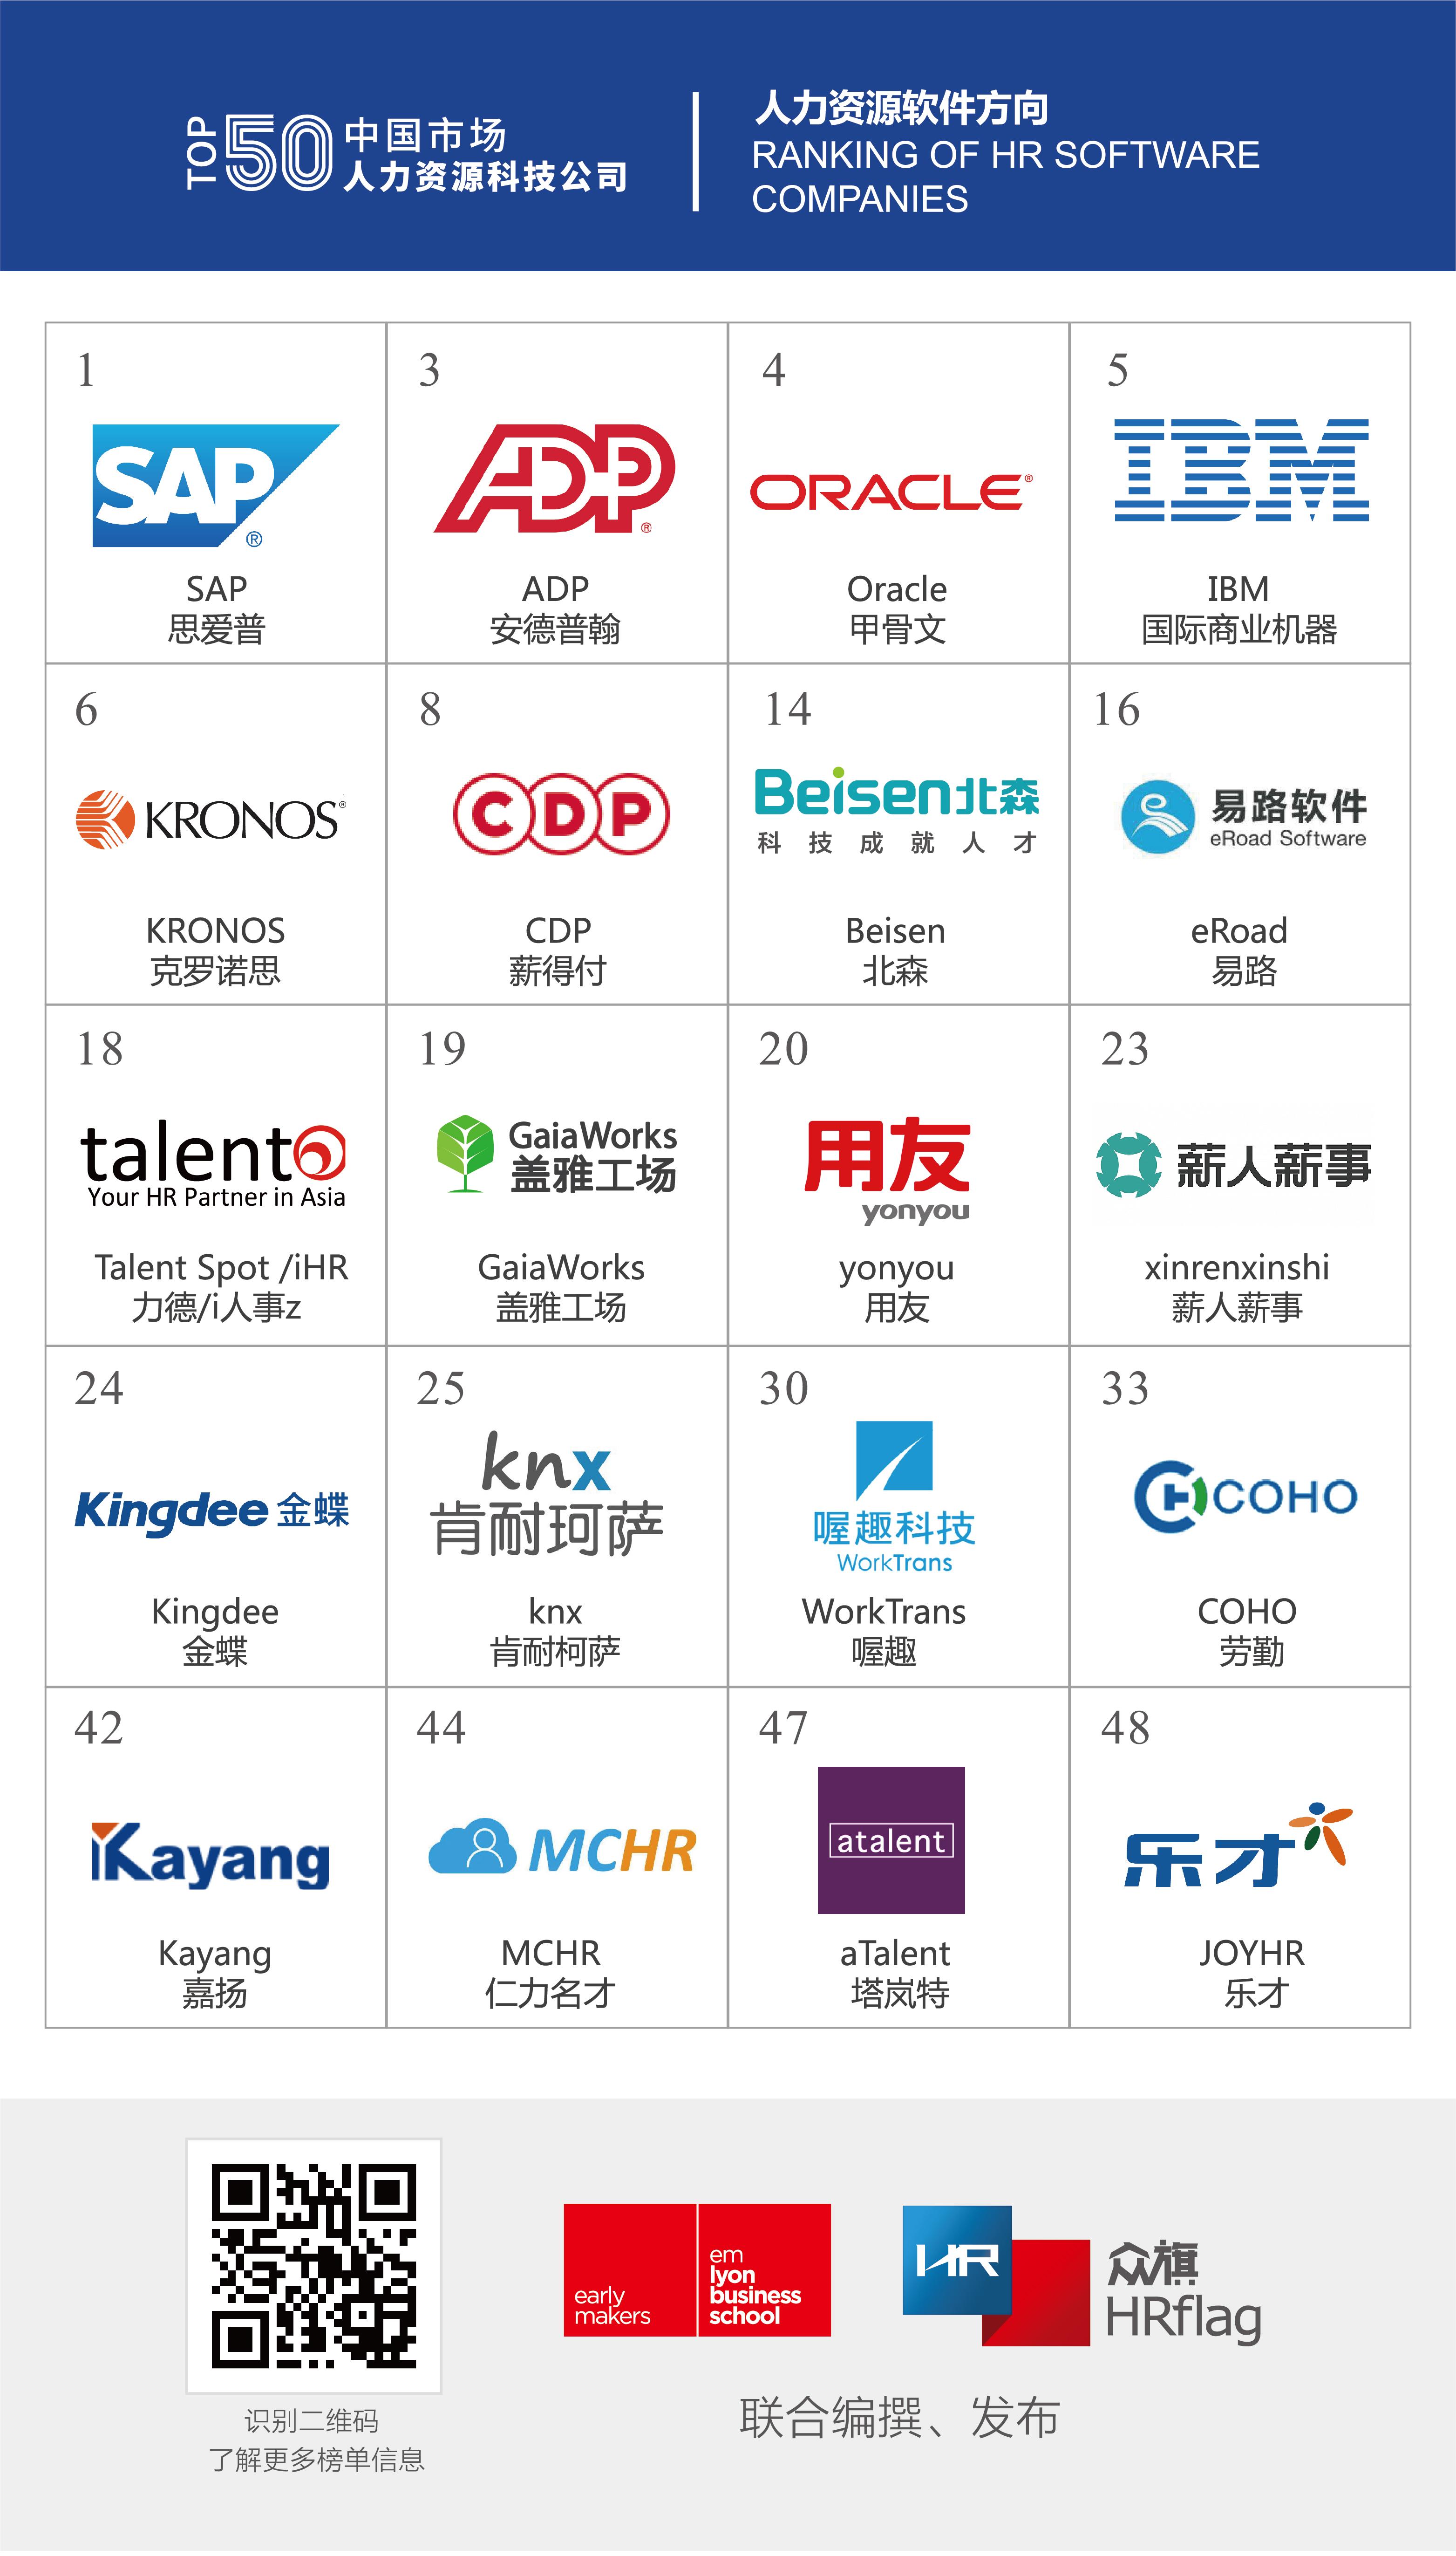 """SAP榮登 """"中國市場人力資源科技公司50強""""榜單首位"""